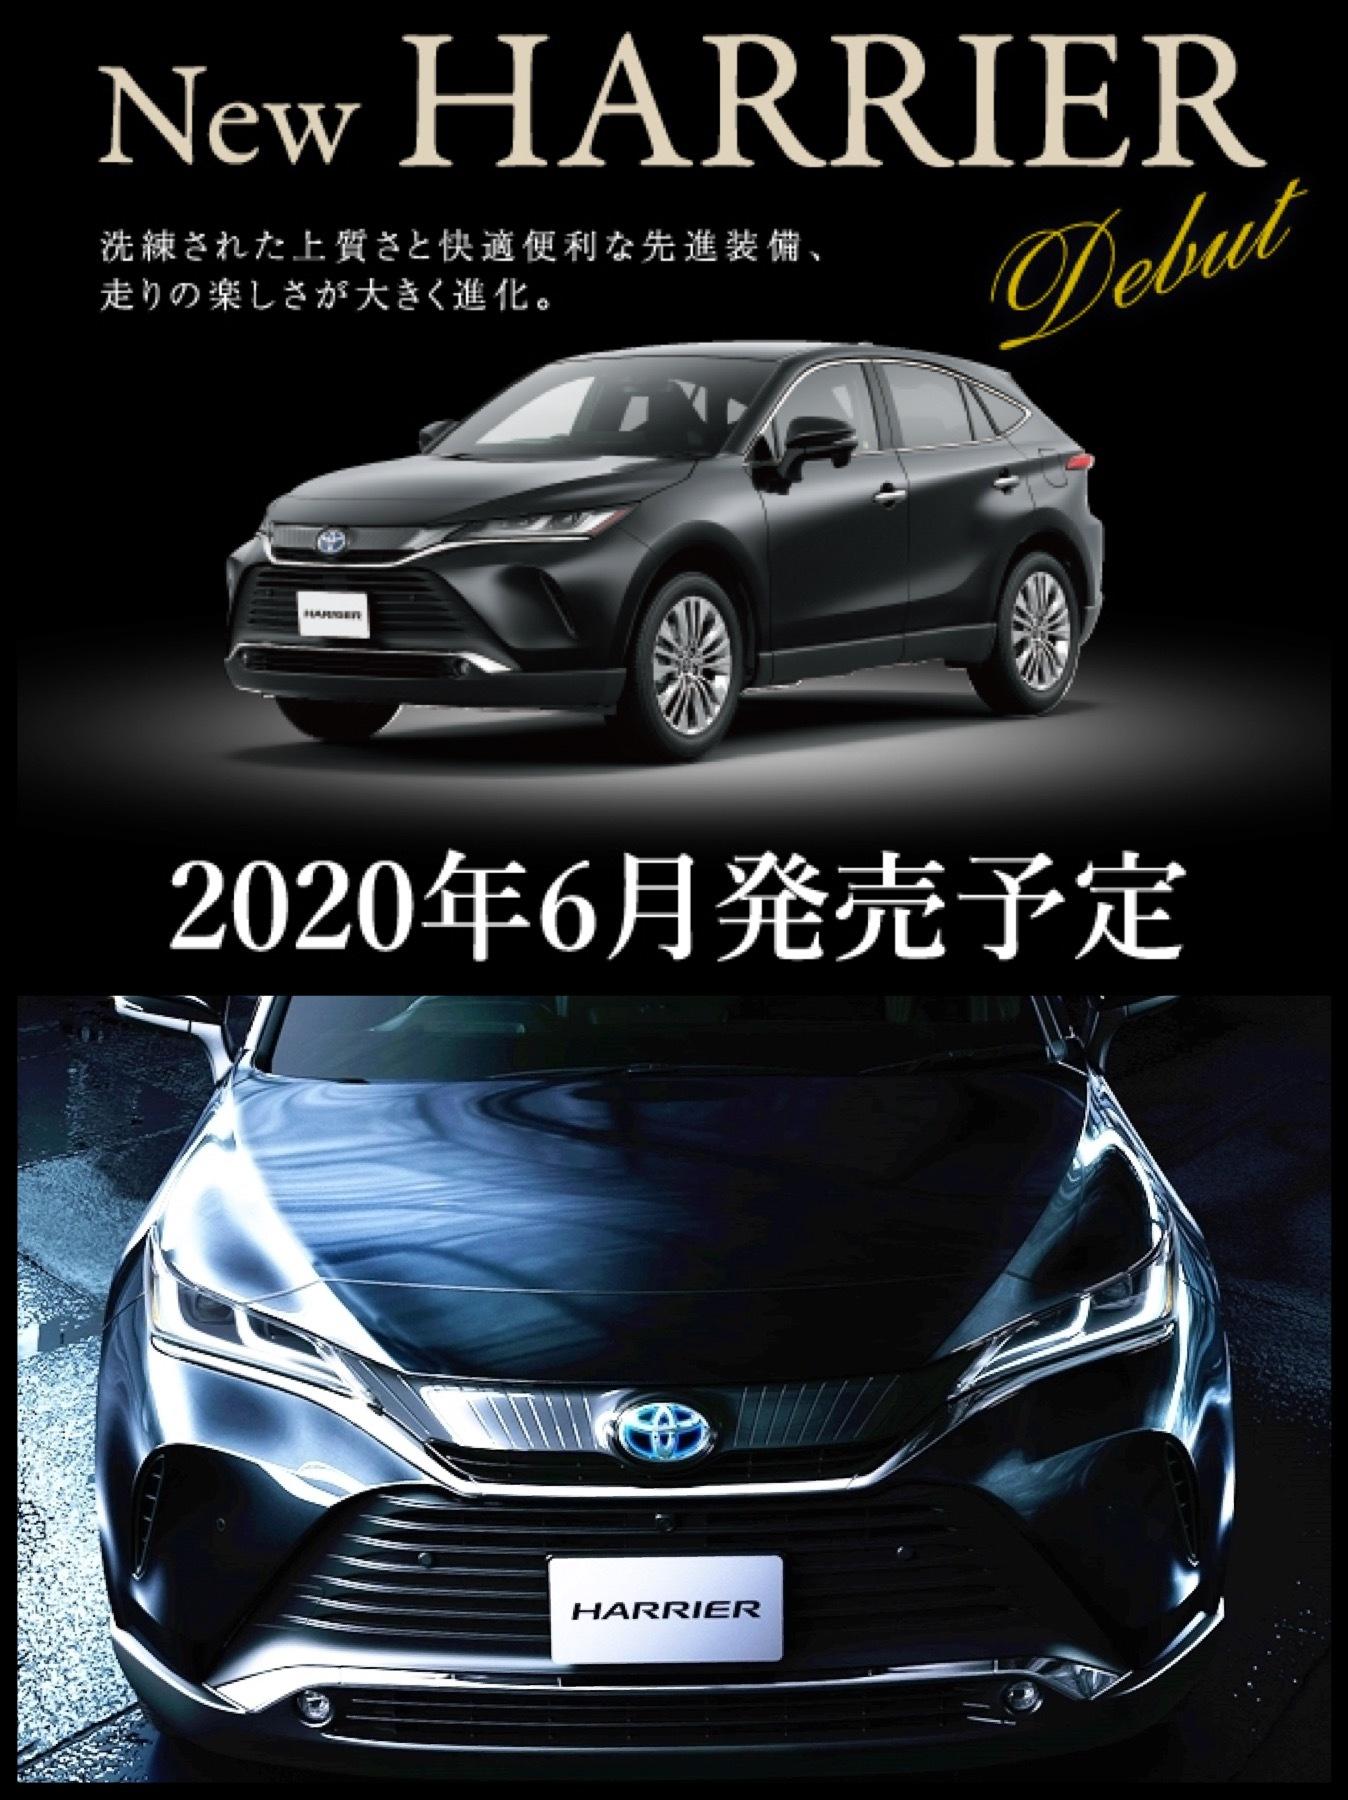 トヨタ新型ハリアー フルモデルチェンジ 予約開始